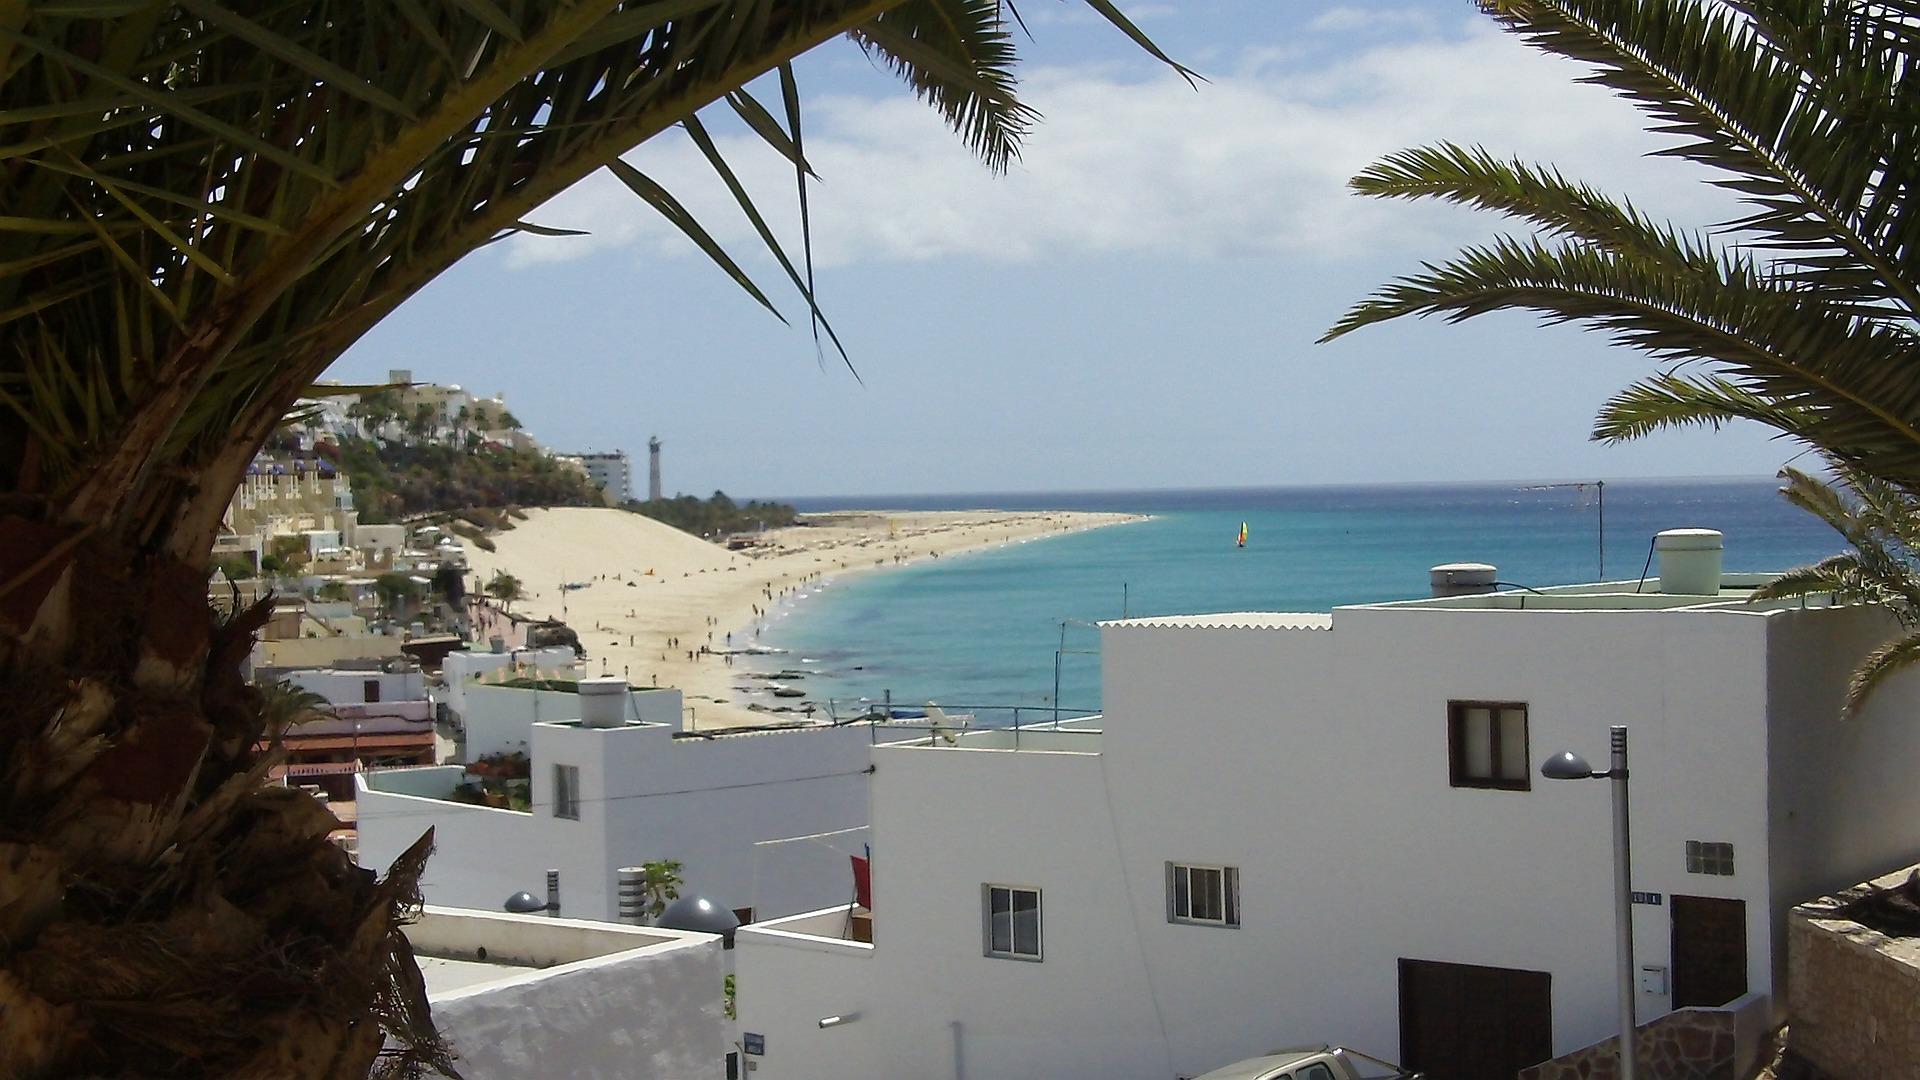 Zum Fly & Drive Gran Canaria empfehle ich Ihnen ein Hotel in der Mitte der Insle zu buchen, da diese nicht allzu groß ist können Sie von hier aus alles erreichen